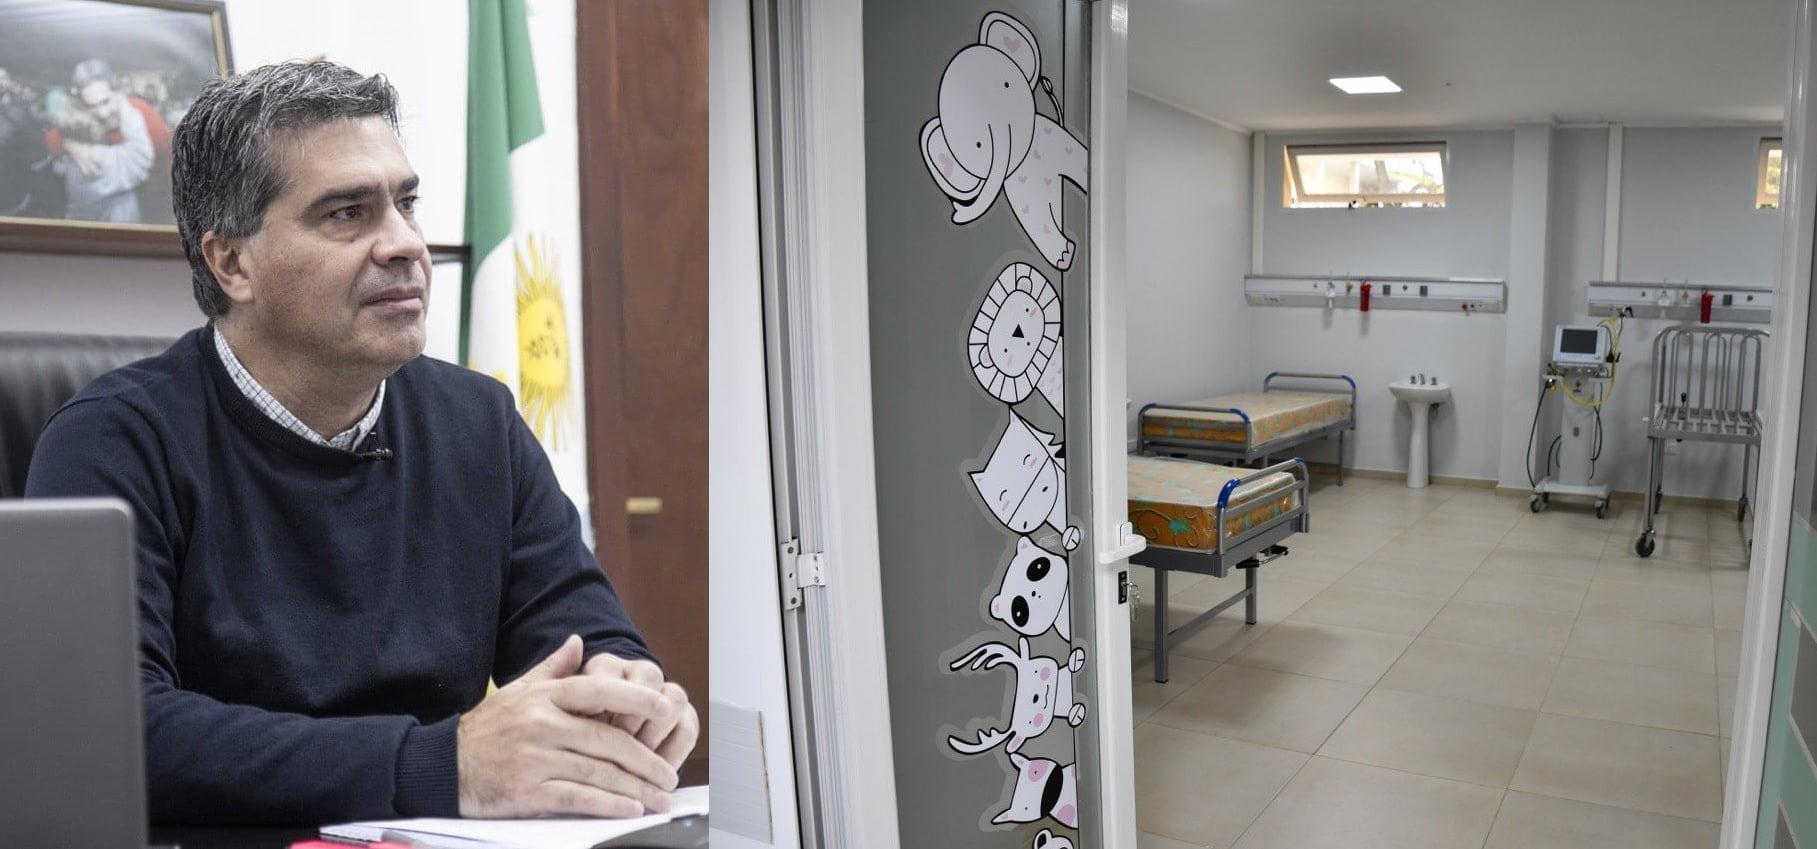 Vía teleconferencia, Capitanich inauguró la sala pediátrica y la unidad de cuidados intensivos de la UNCAUS